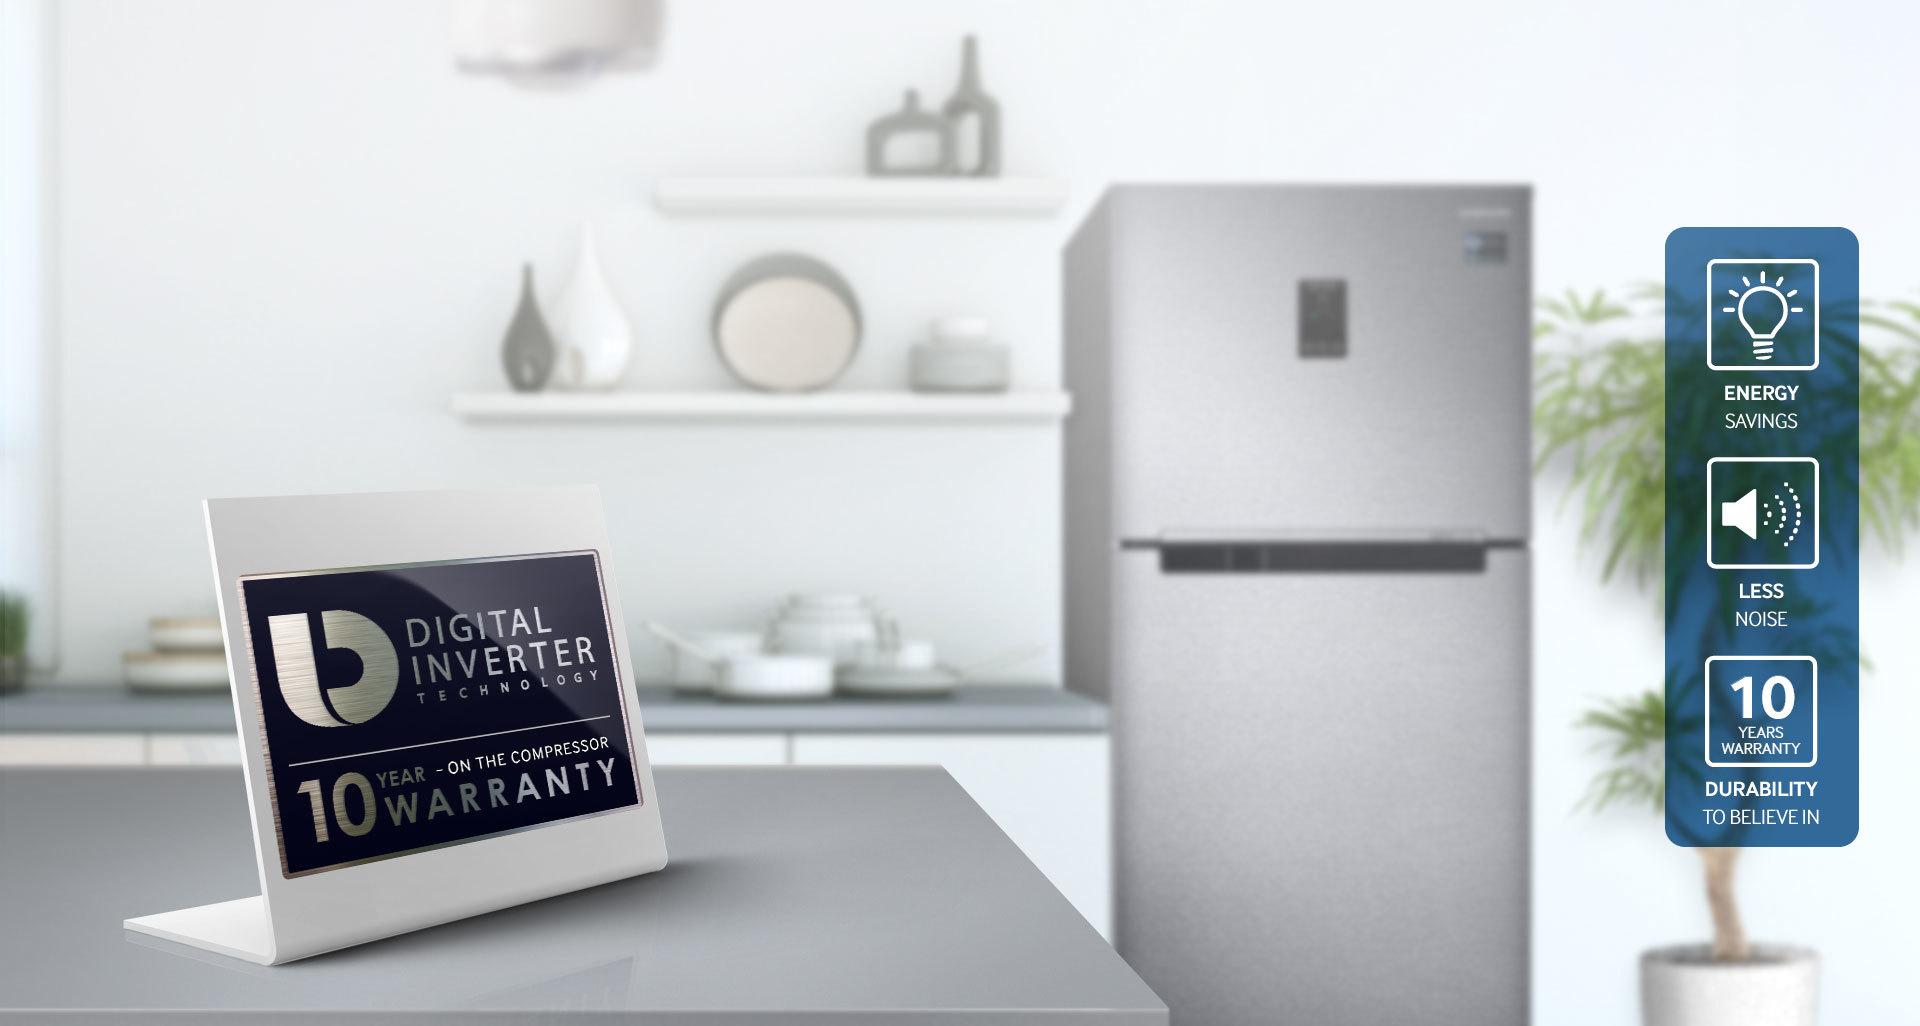 Tủ lạnh Samsung Inverter 360 lít RT35K5982S8 vận hành bền bỉ